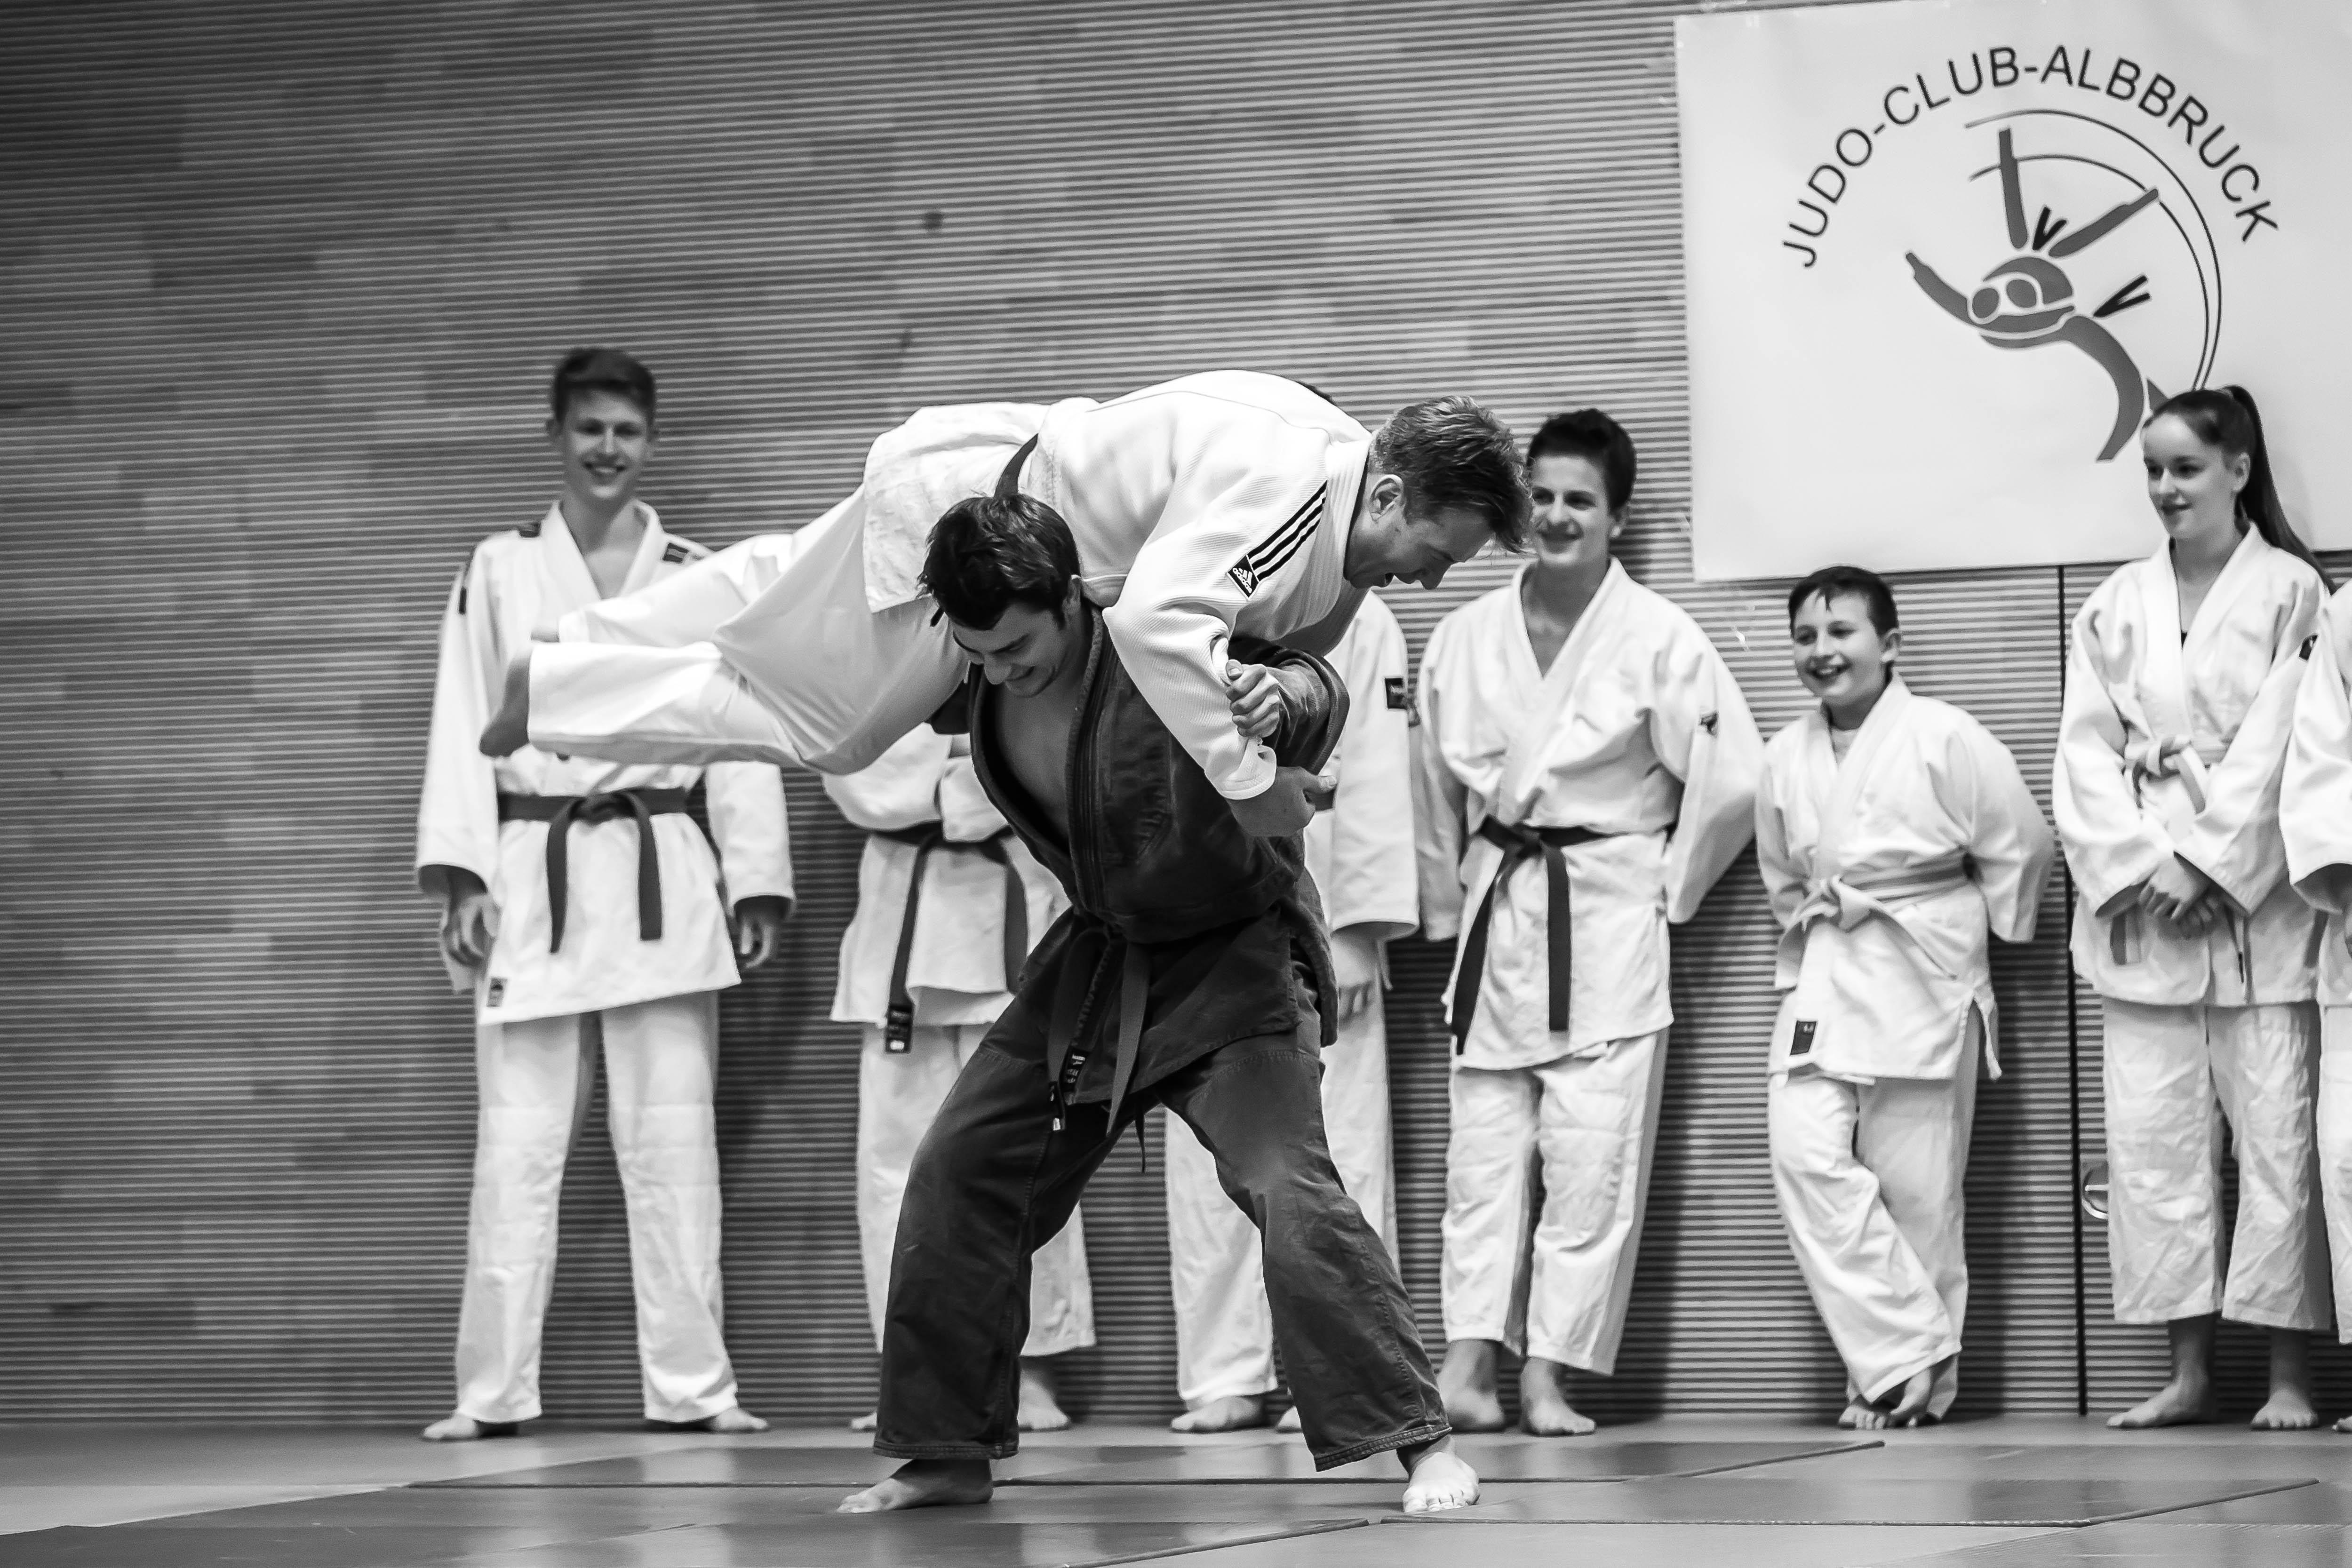 50. Jubiläum Judo Cl0128-402A1311_bw